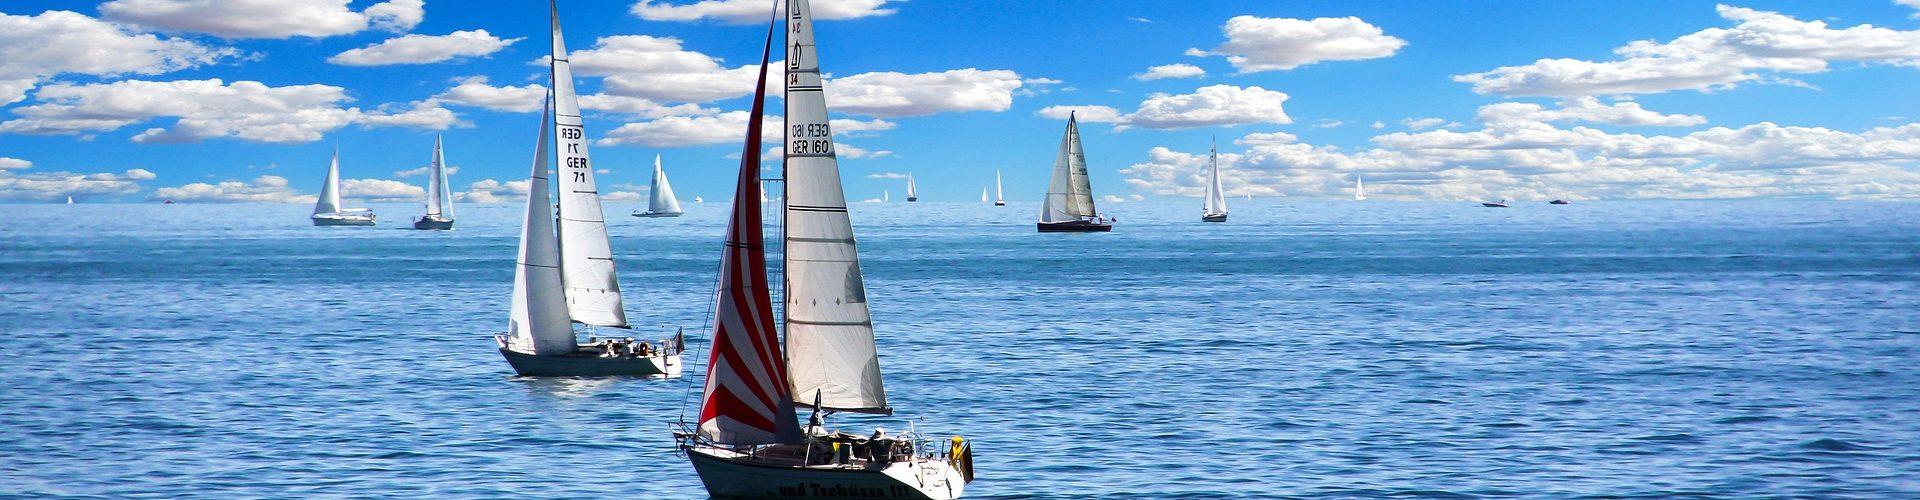 segeln lernen in Sigmaringen segelschein machen in Sigmaringen 1920x500 - Segeln lernen in Sigmaringen